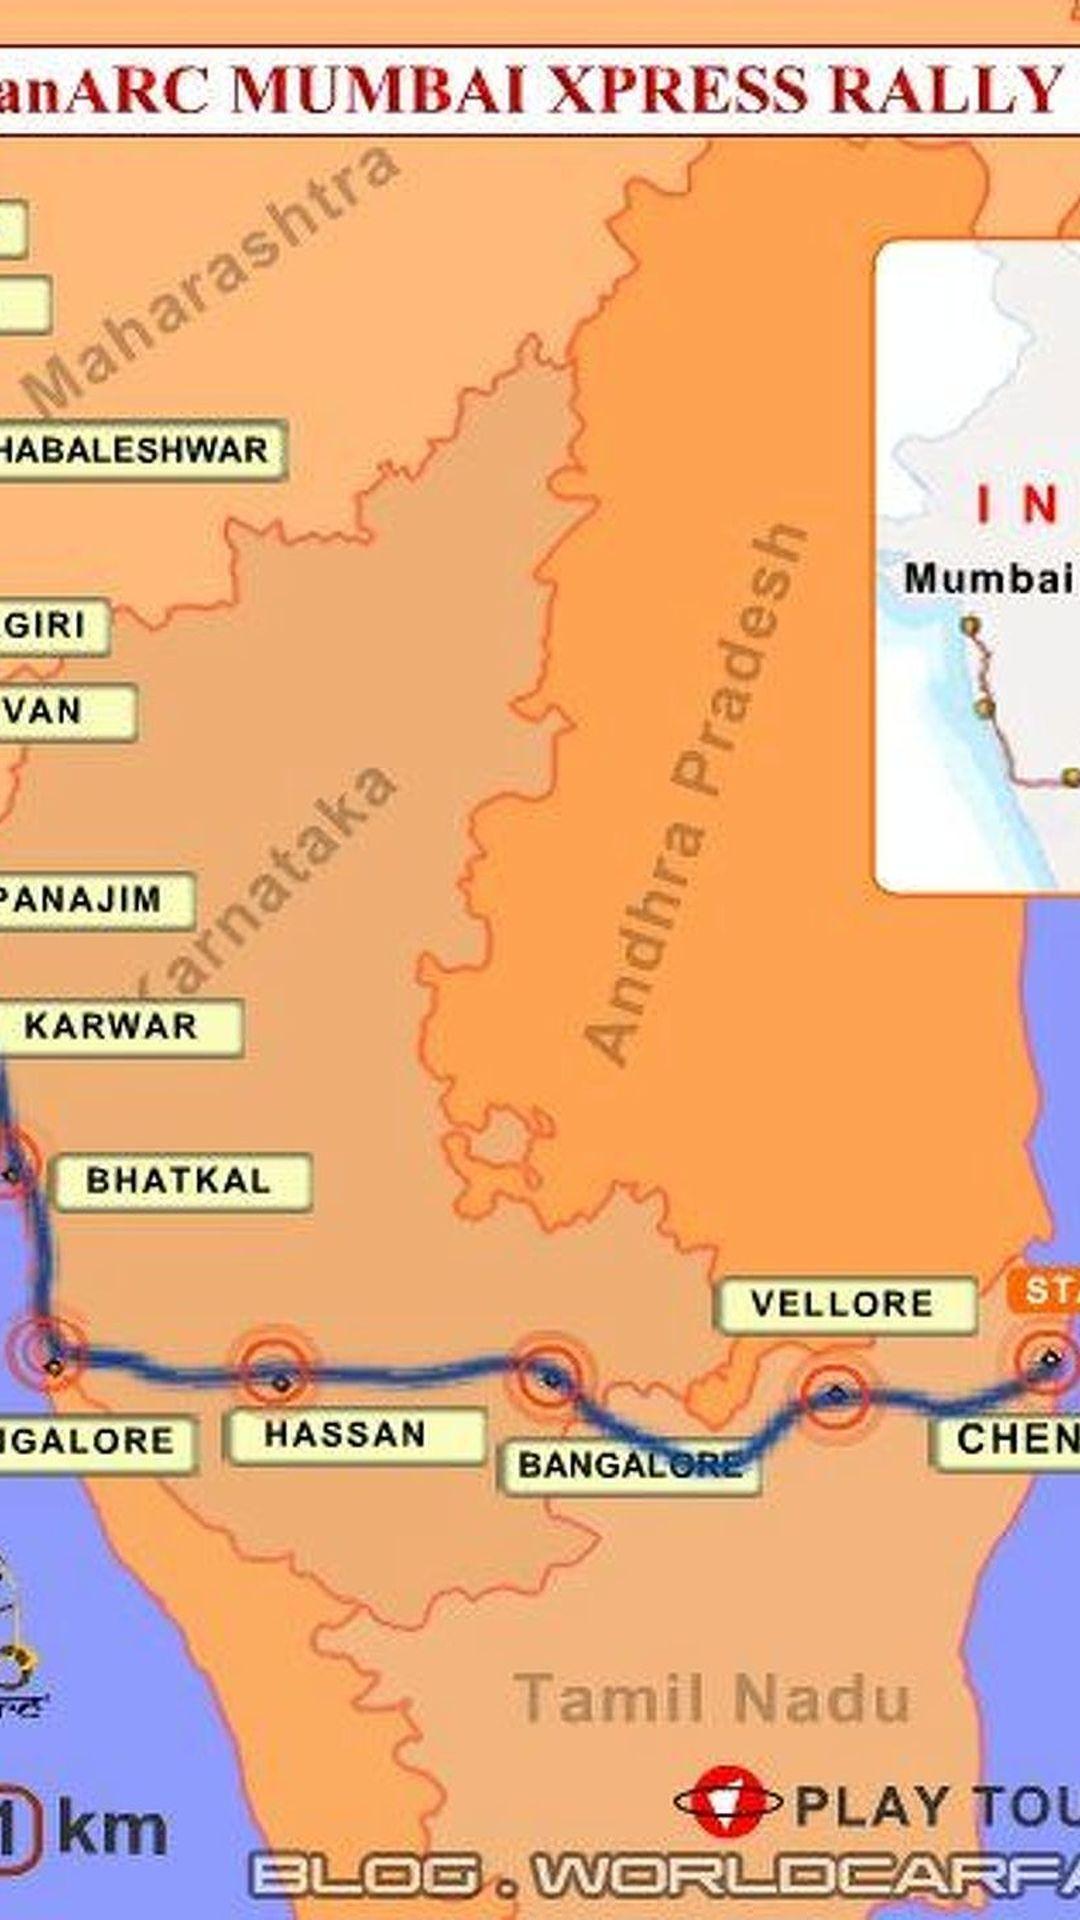 IndianARC Mumbai Xpress Rally